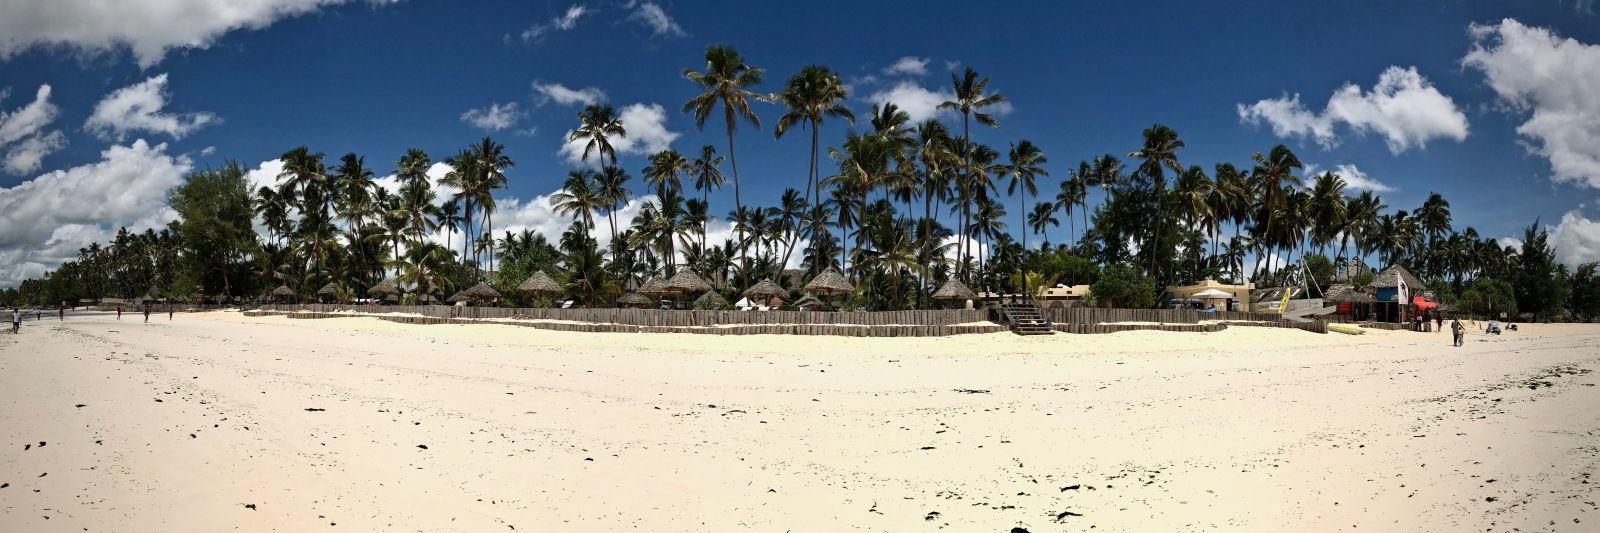 Klischeehaft paradiesisch: Strohdächer im Sand unter Palmen.